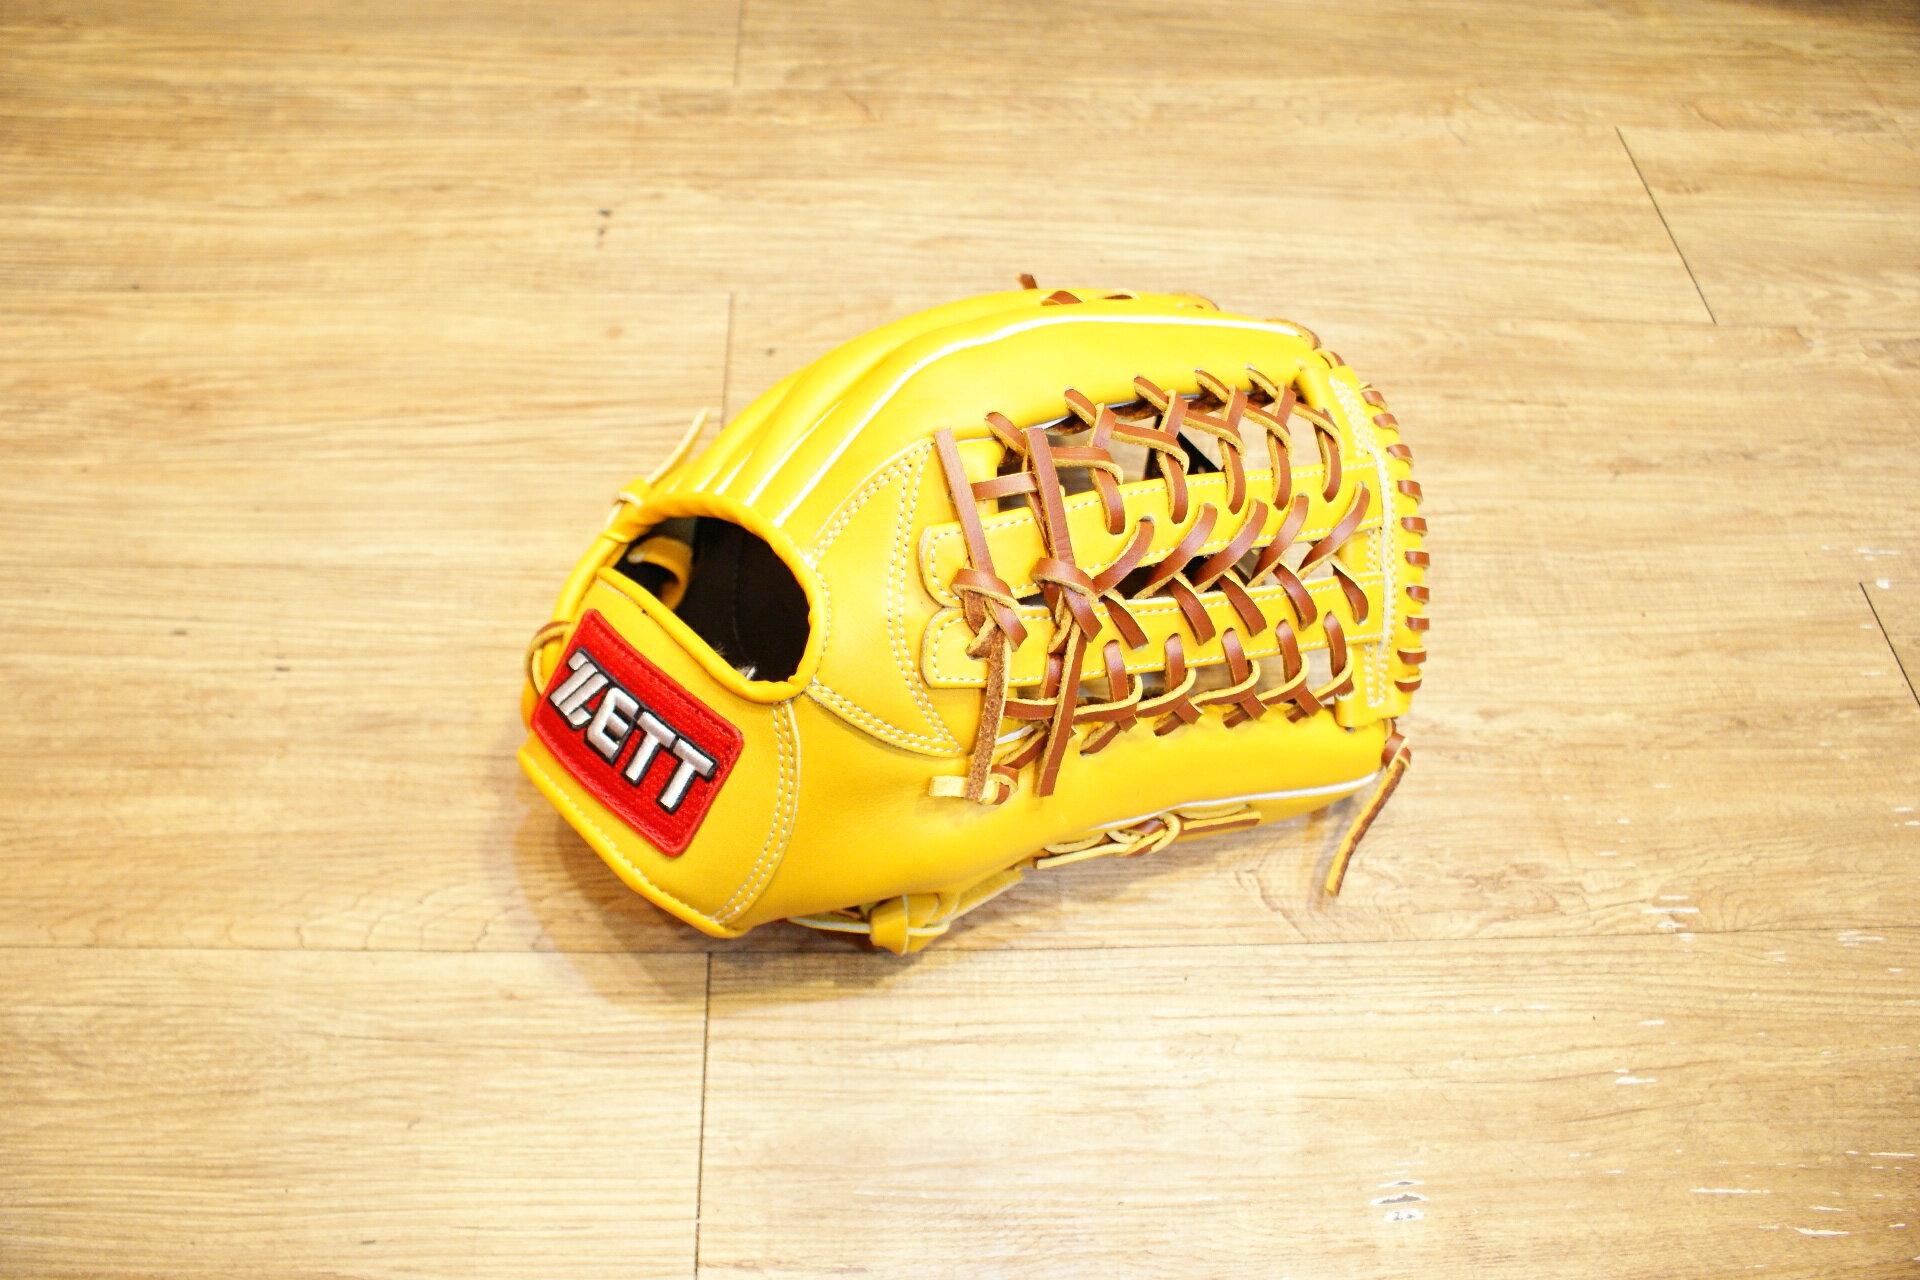 棒球世界 全新zett原皮色棒壘球手套 特價 V網球檔 12.5吋 人氣賣家商品